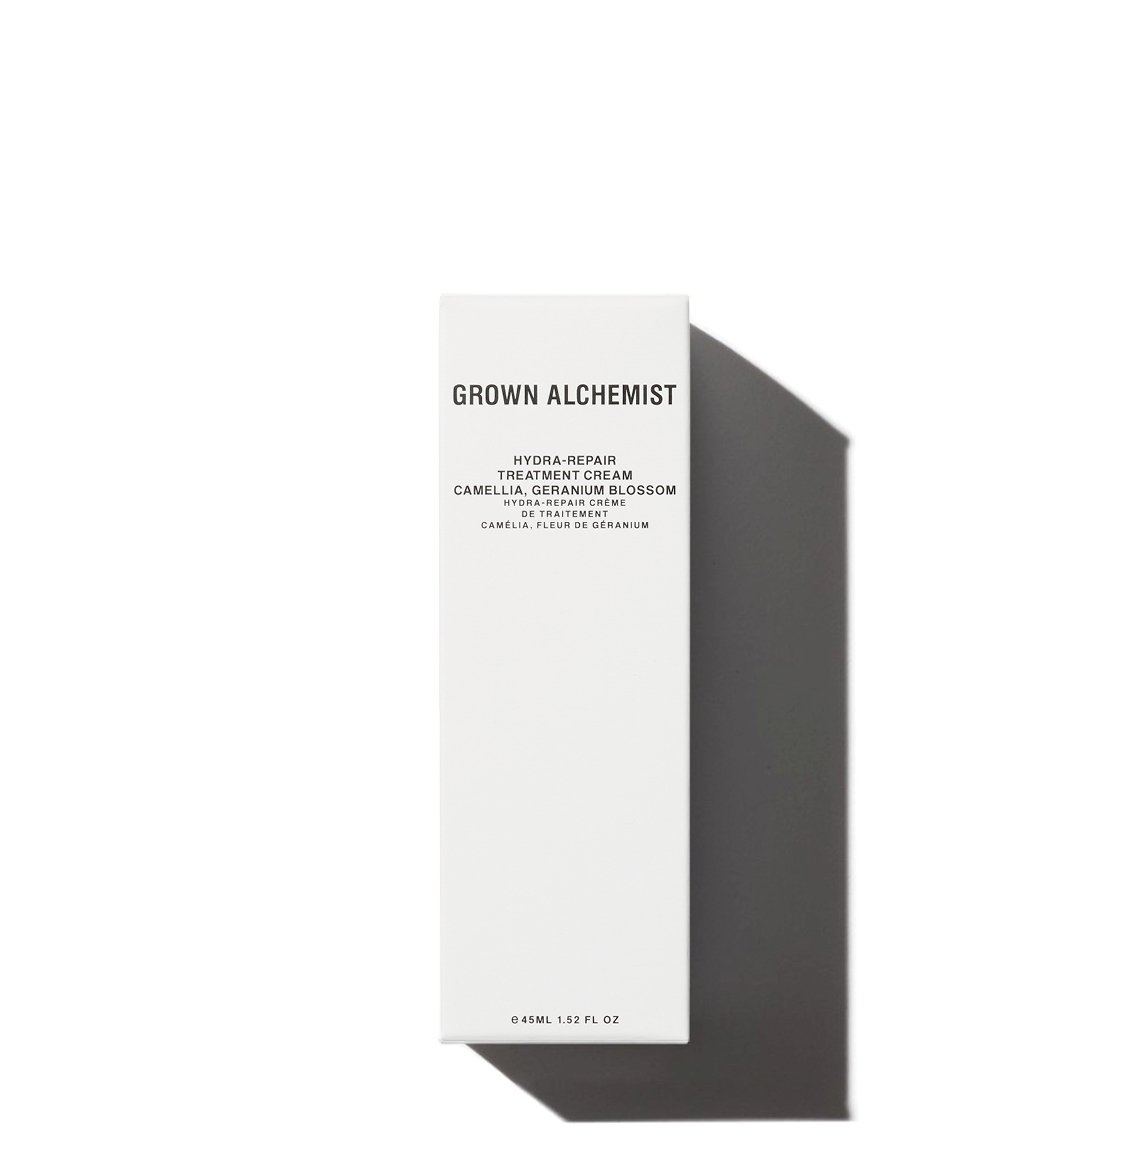 Grown Alchemist Hydra-Repair Treatment Face Cream 45ml